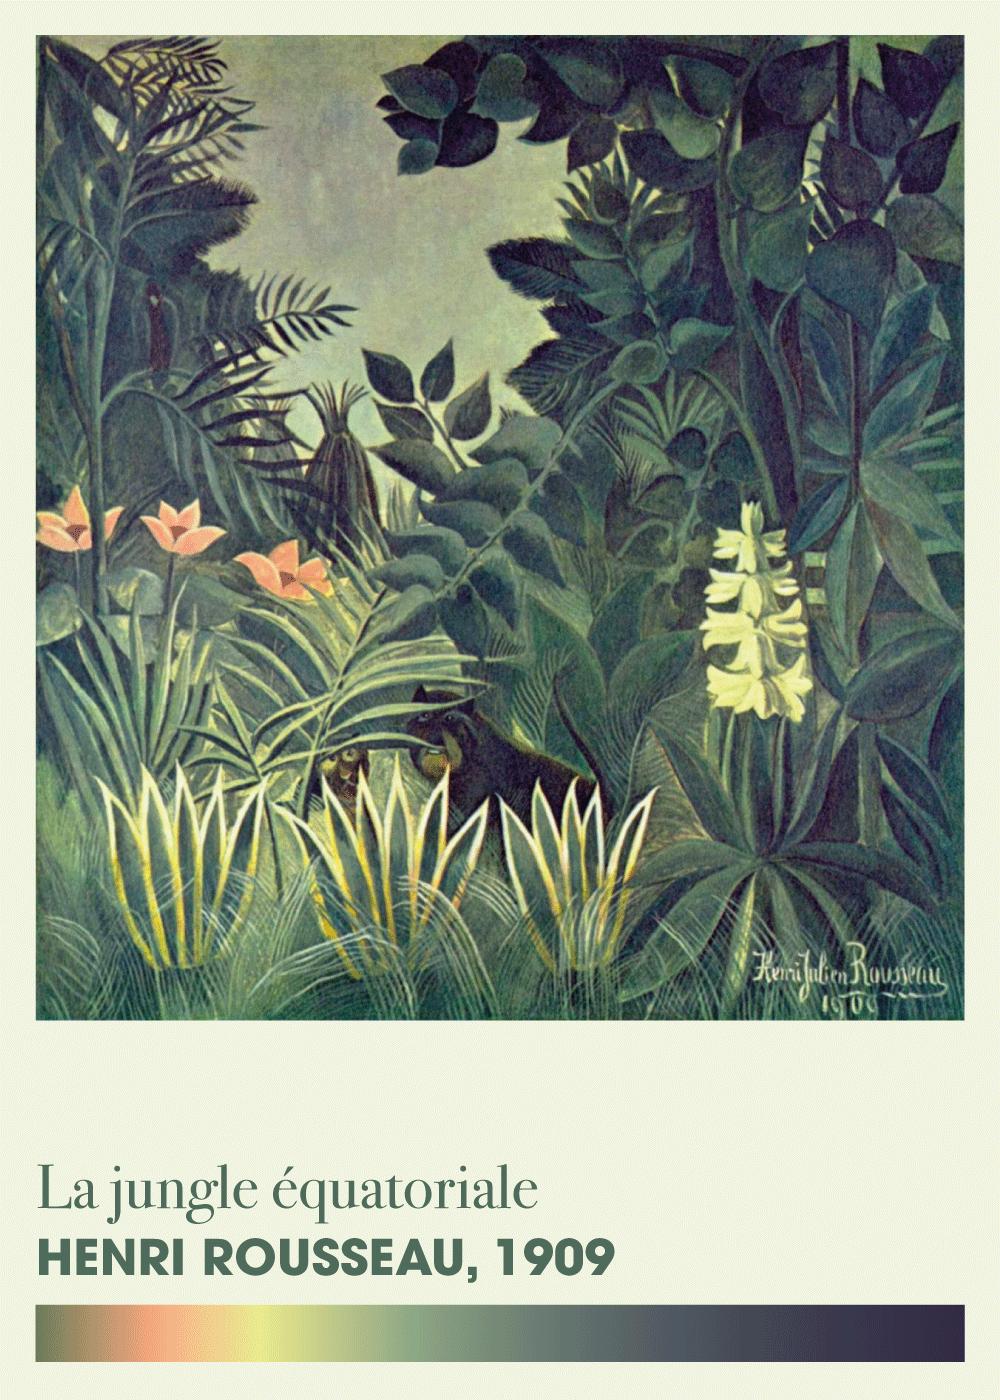 Billede af The Equatorial Jungle - Henri Rousseau kunstplakat